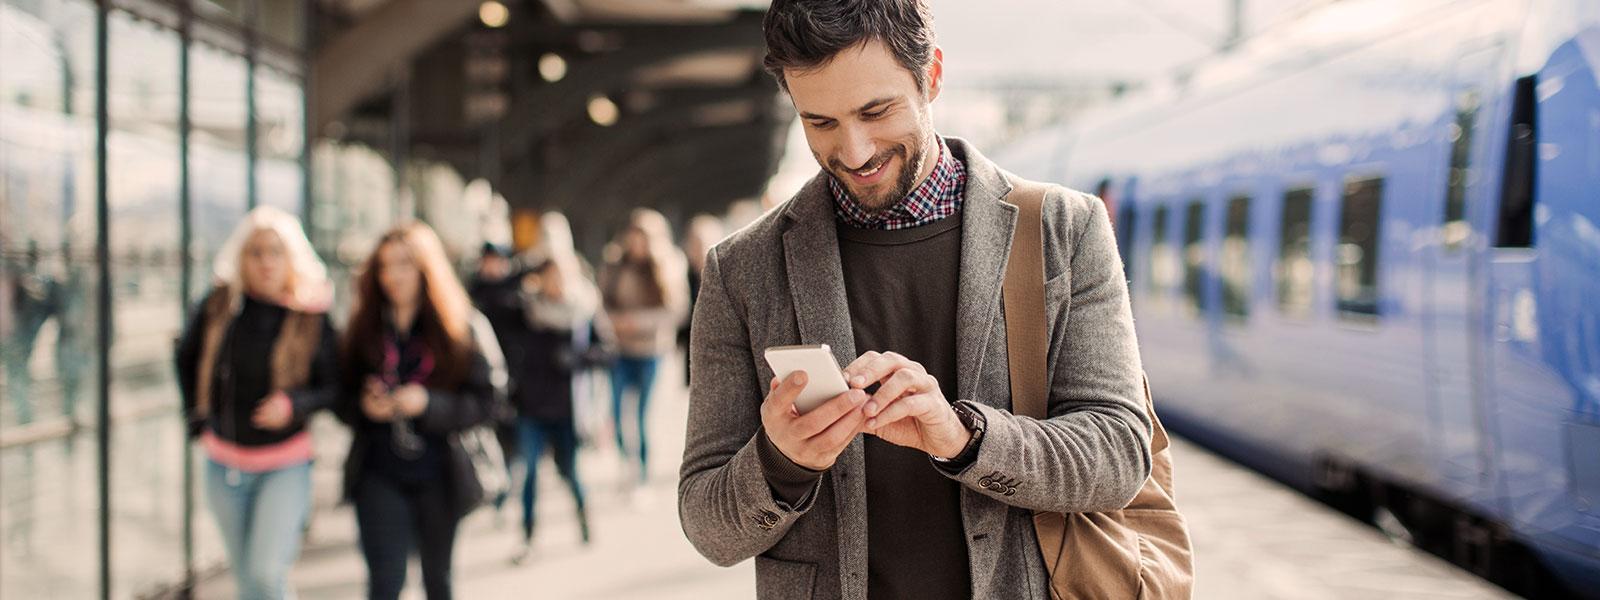 Man at a train platform smiling at his phone